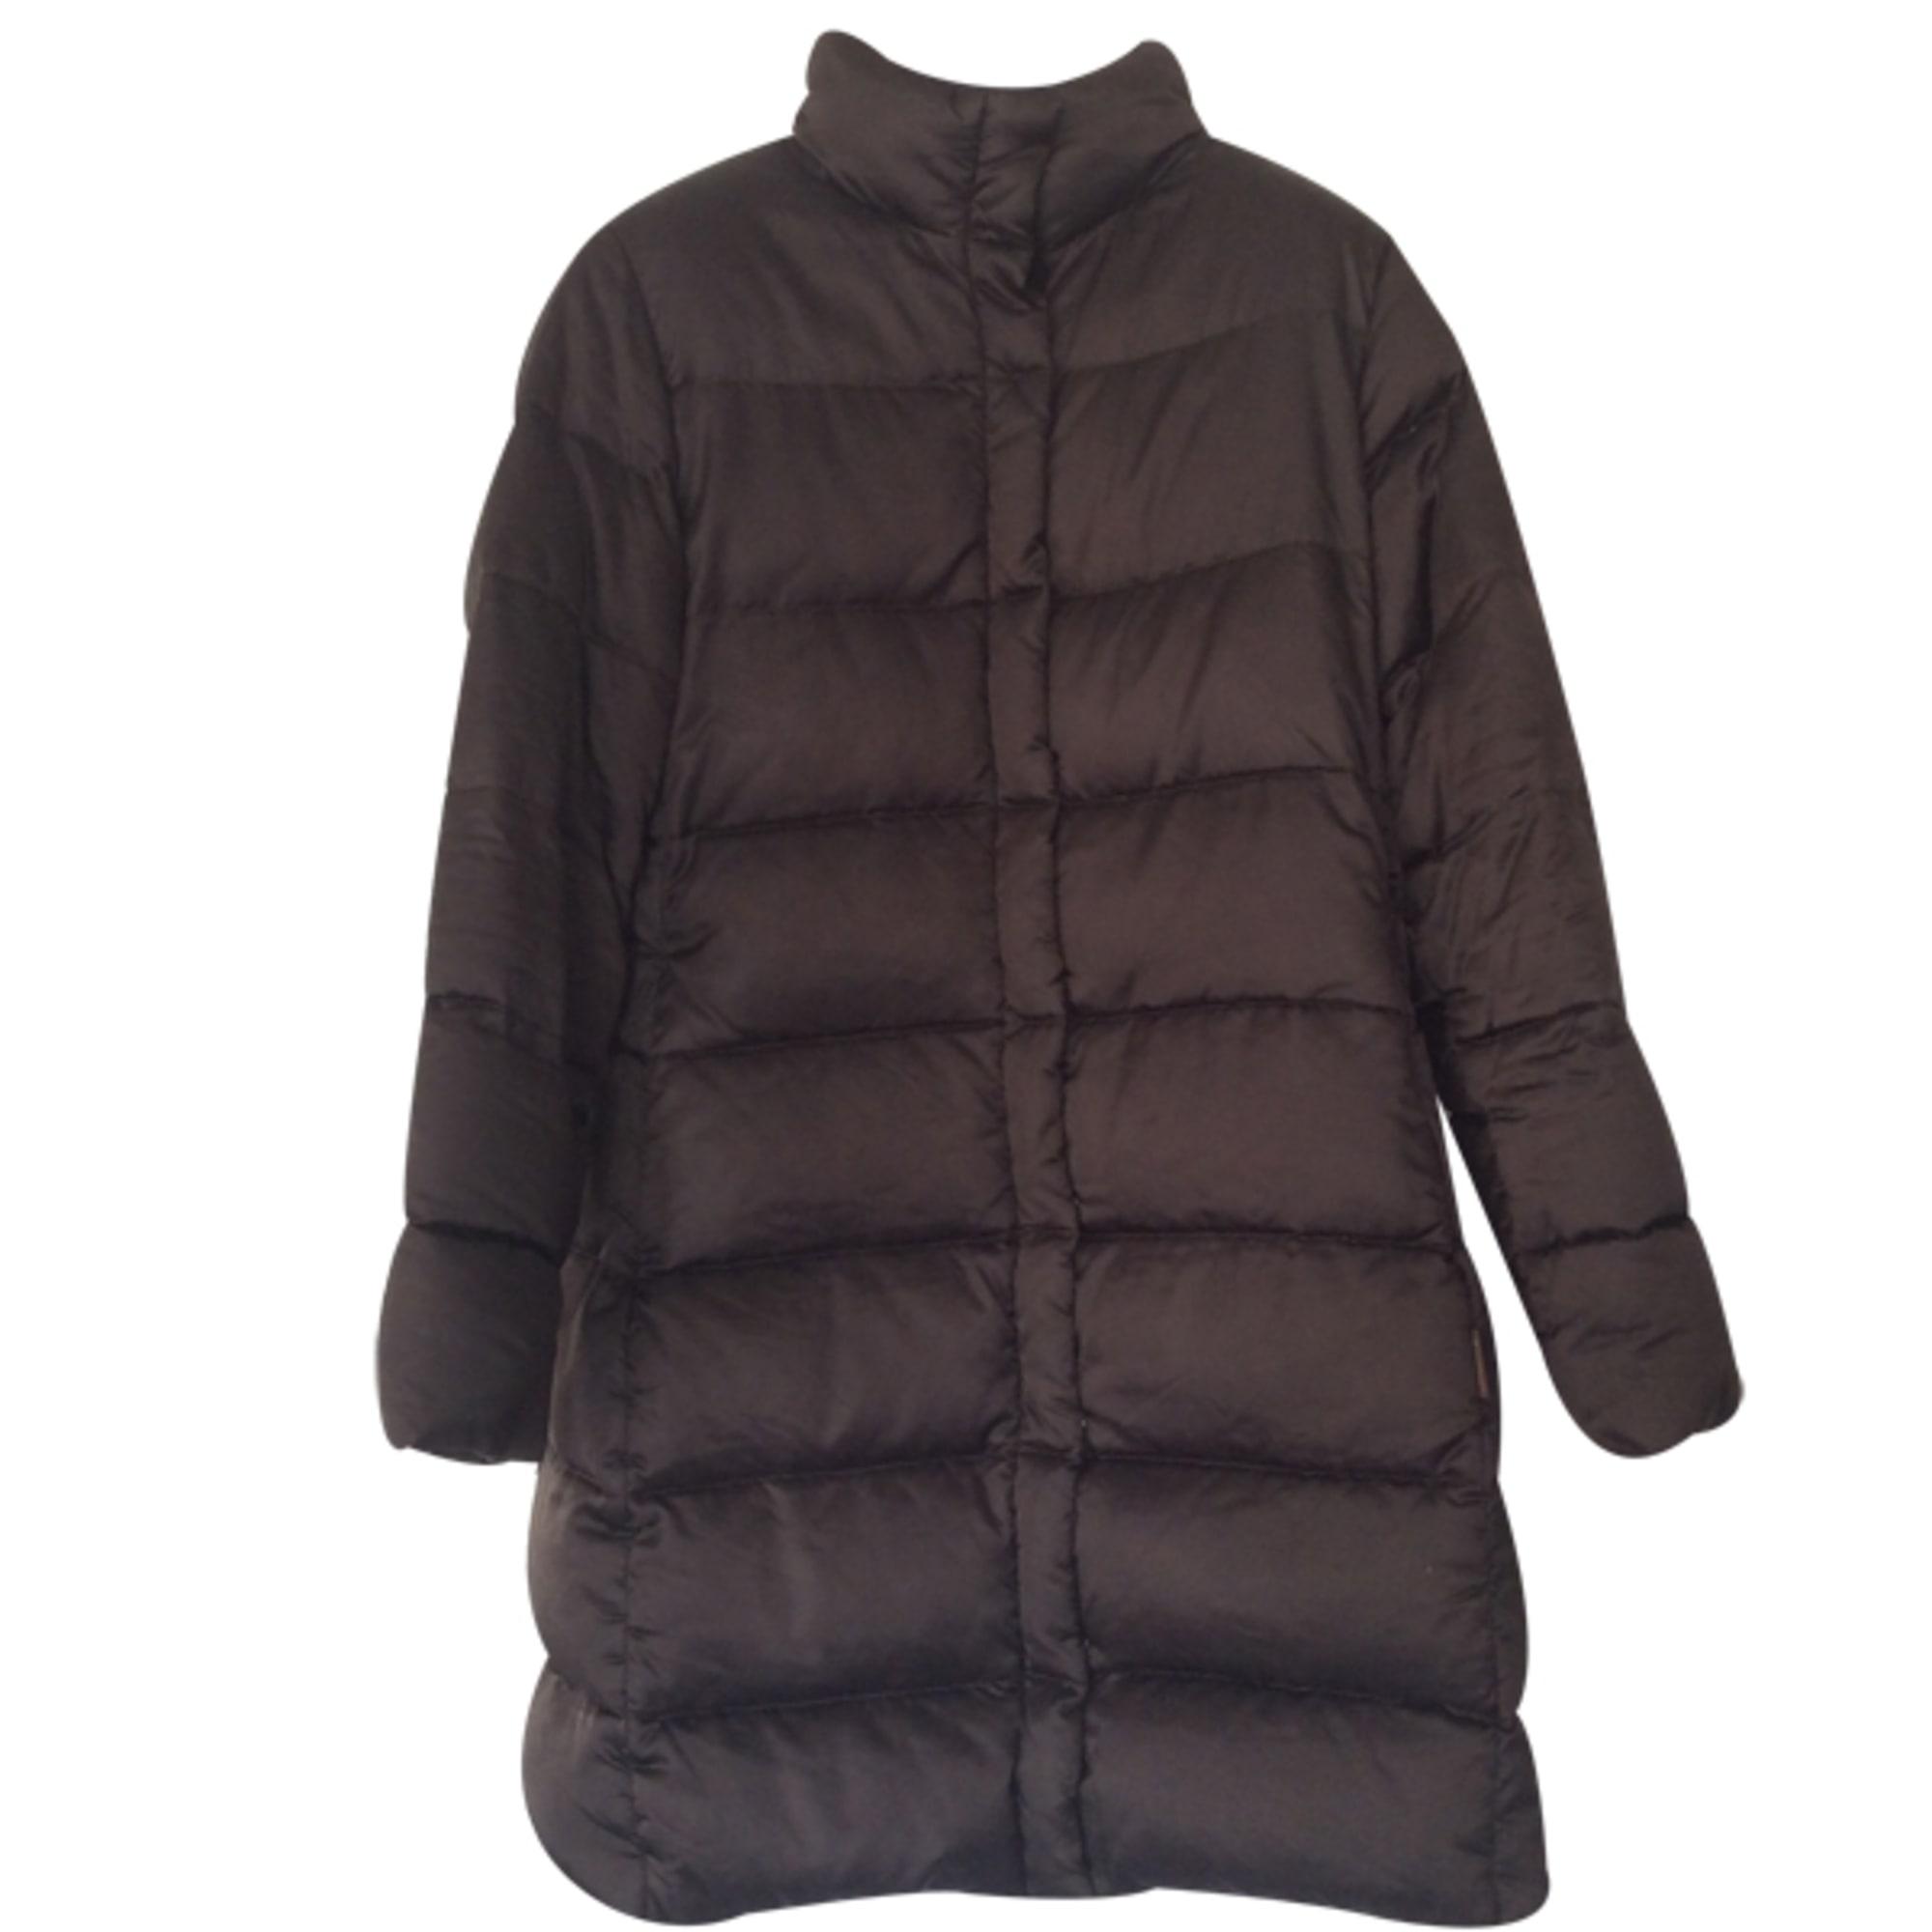 Doudoune MONCLER 40 (L, T3) marron vendu par Carole 95304705 - 3039736 552a2cf499c2